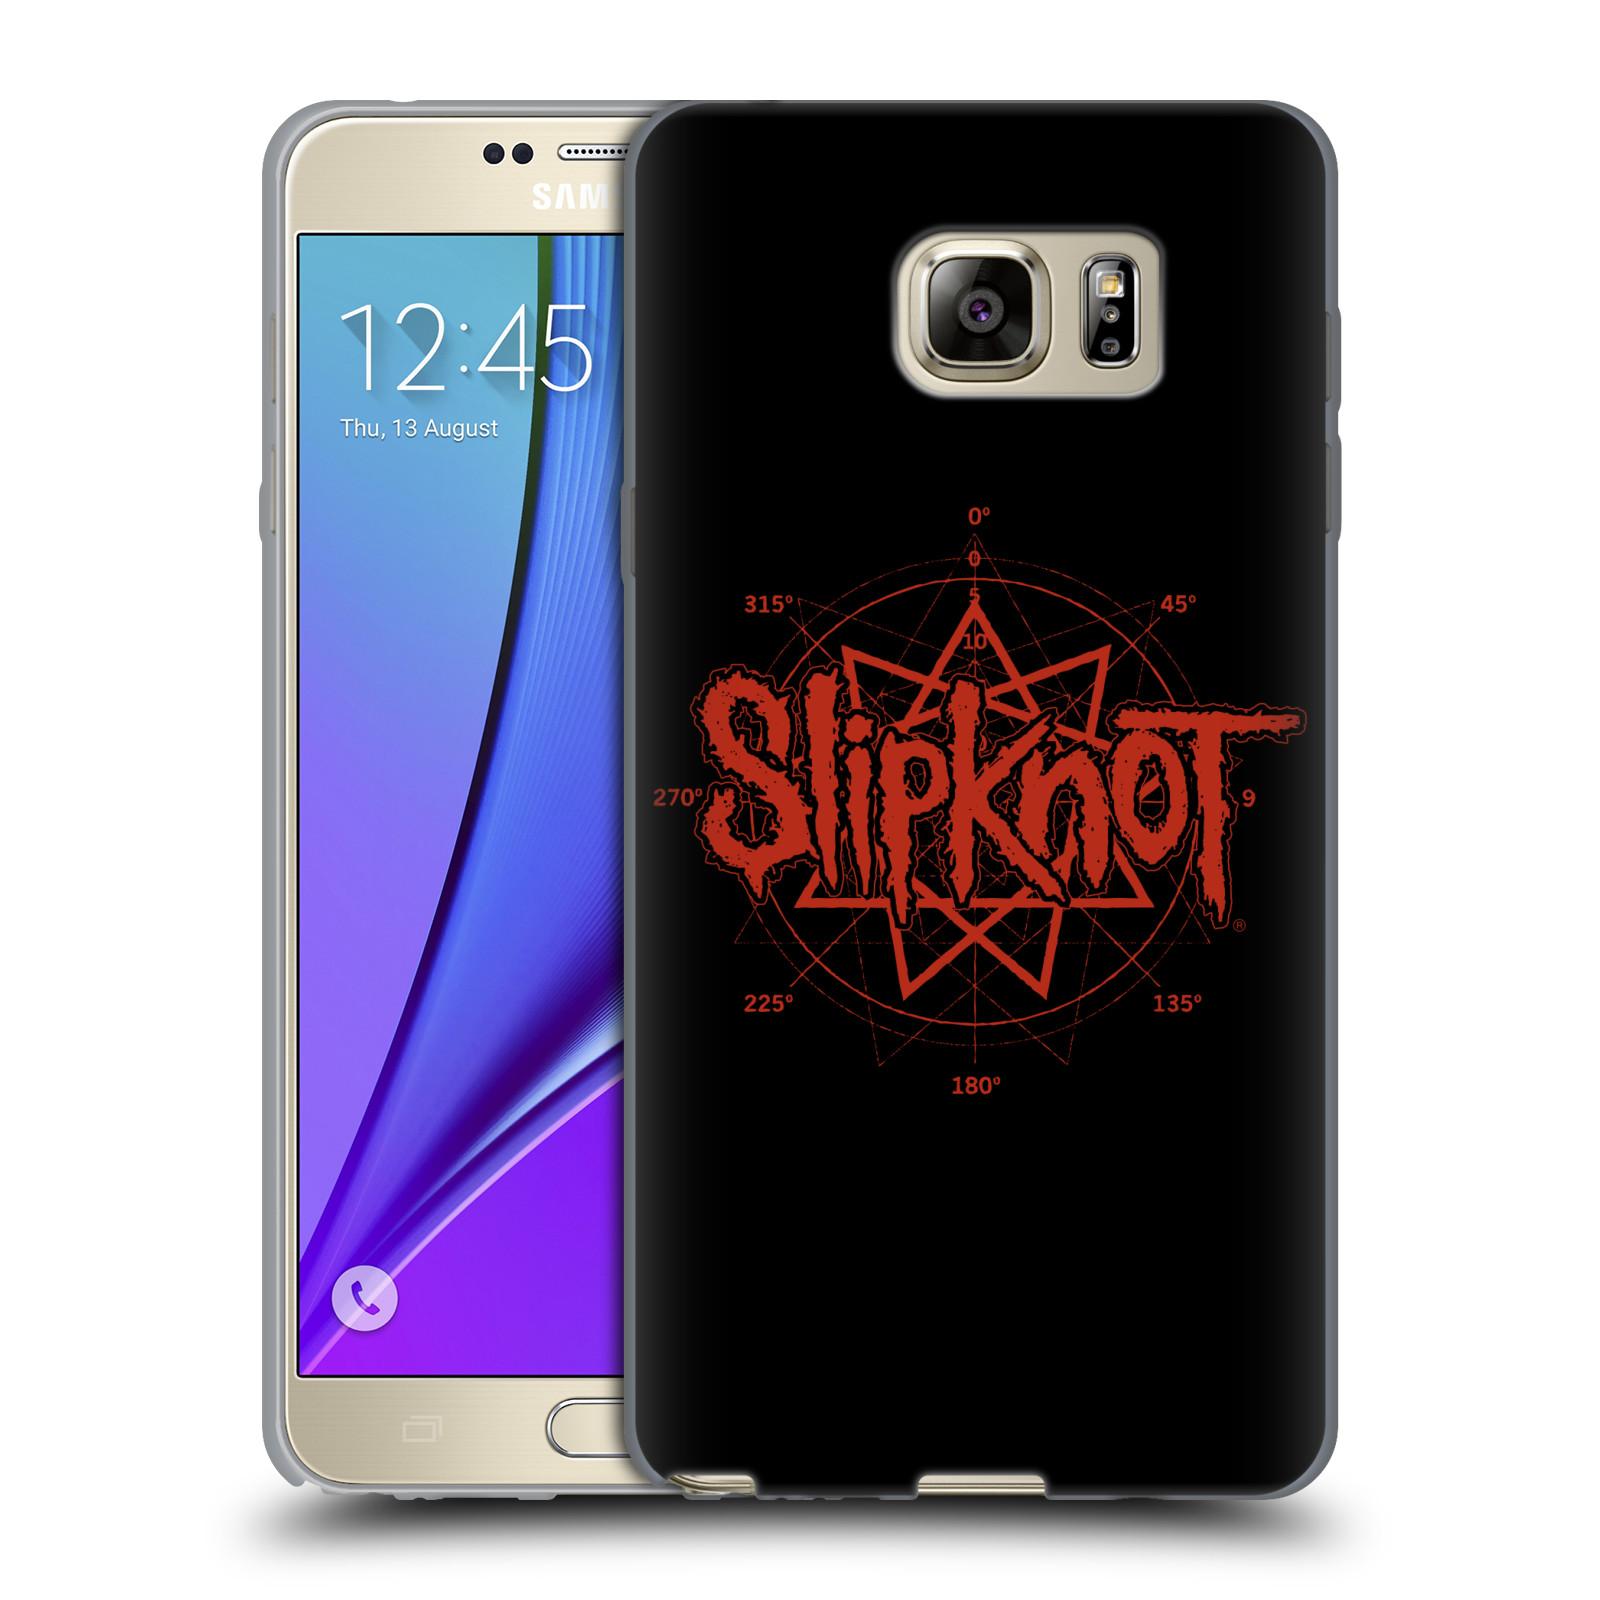 HEAD CASE silikonový obal na mobil Samsung Galaxy Note 5 hudební skupina Slipknot logo